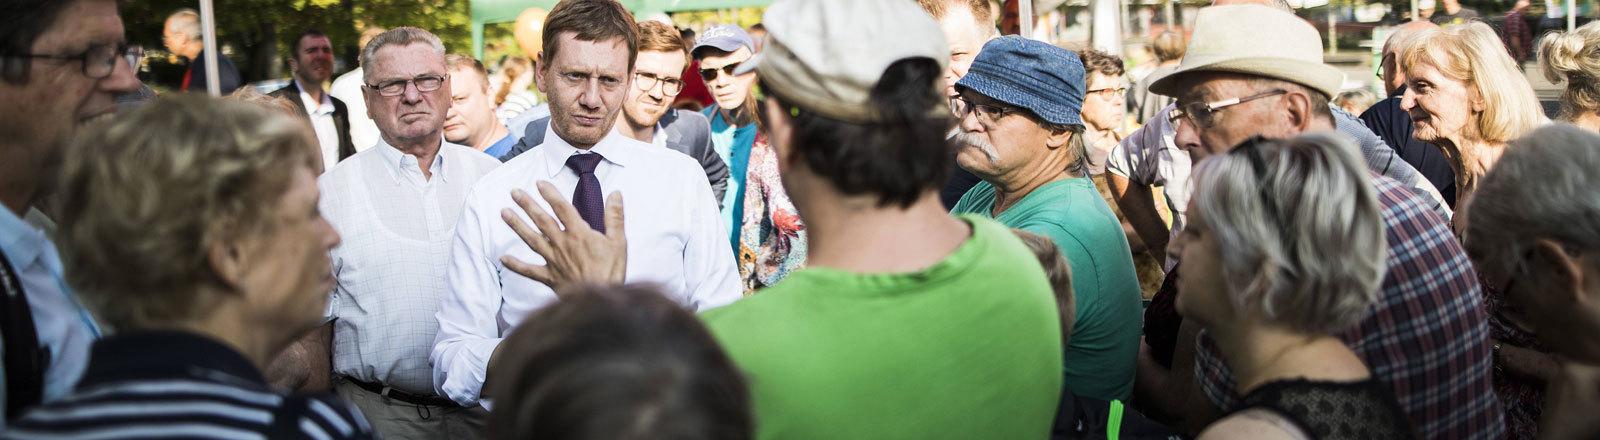 Michael Kretschmer, CDU-Spitzenkandidat für die Landtagswahl in Sachsen 2019, spricht mit Bürgern bei einem Bürgerfrühstück in Leipzig-Grünau, 31.08.2019.